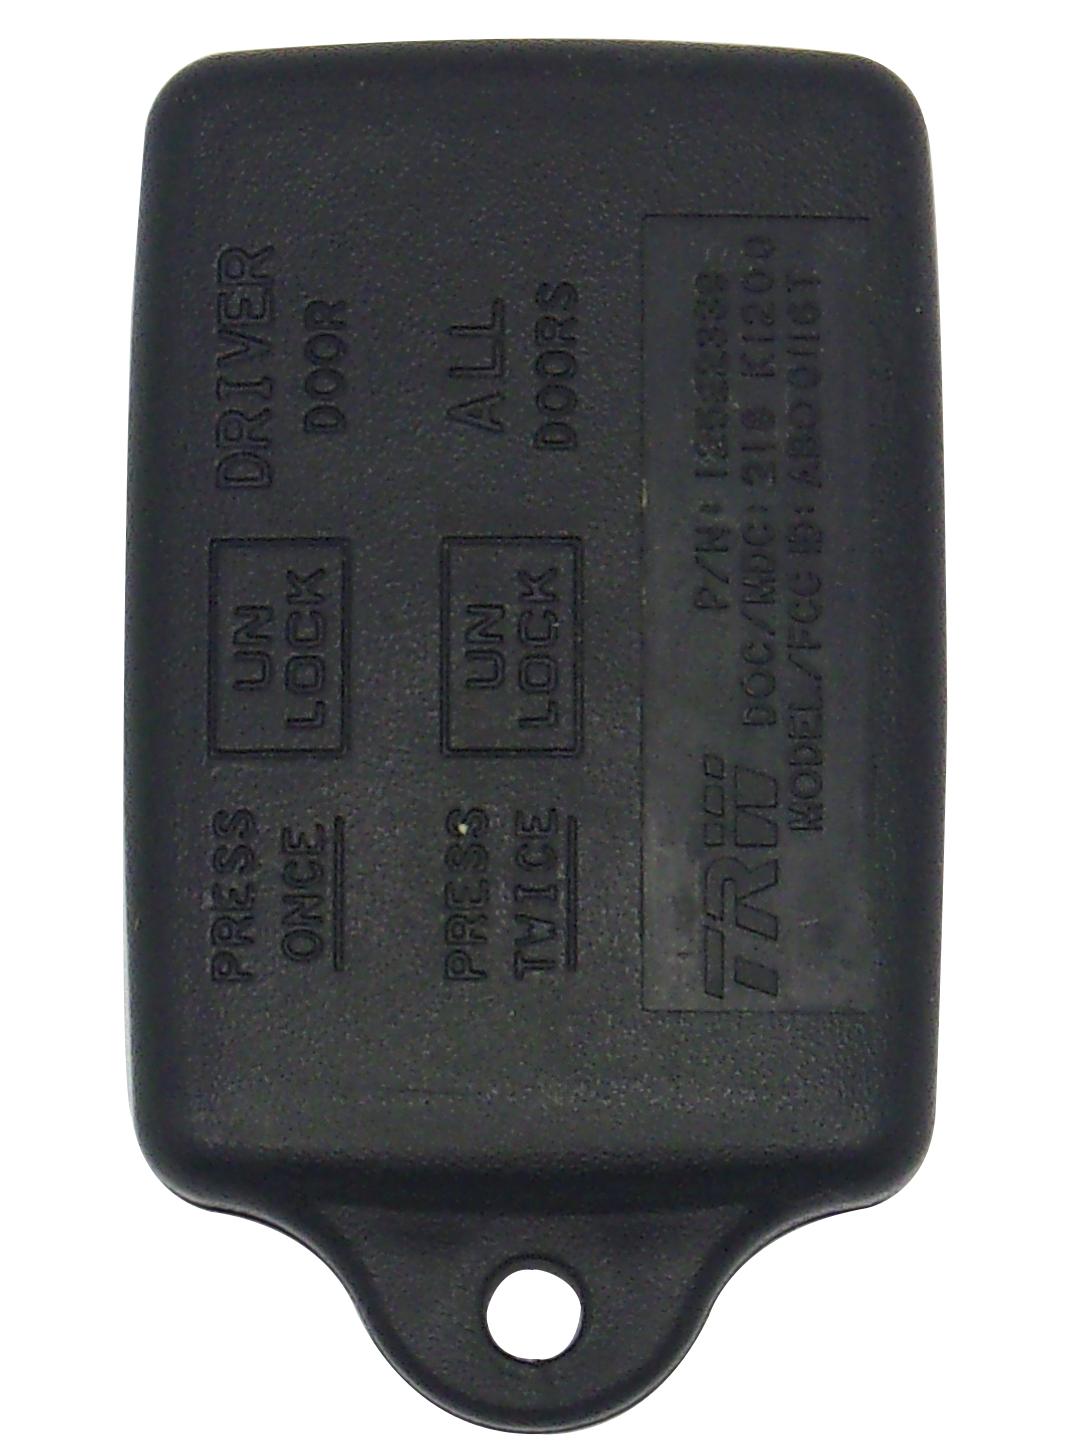 Pontiac Keyless Entry Remote - 3 Button